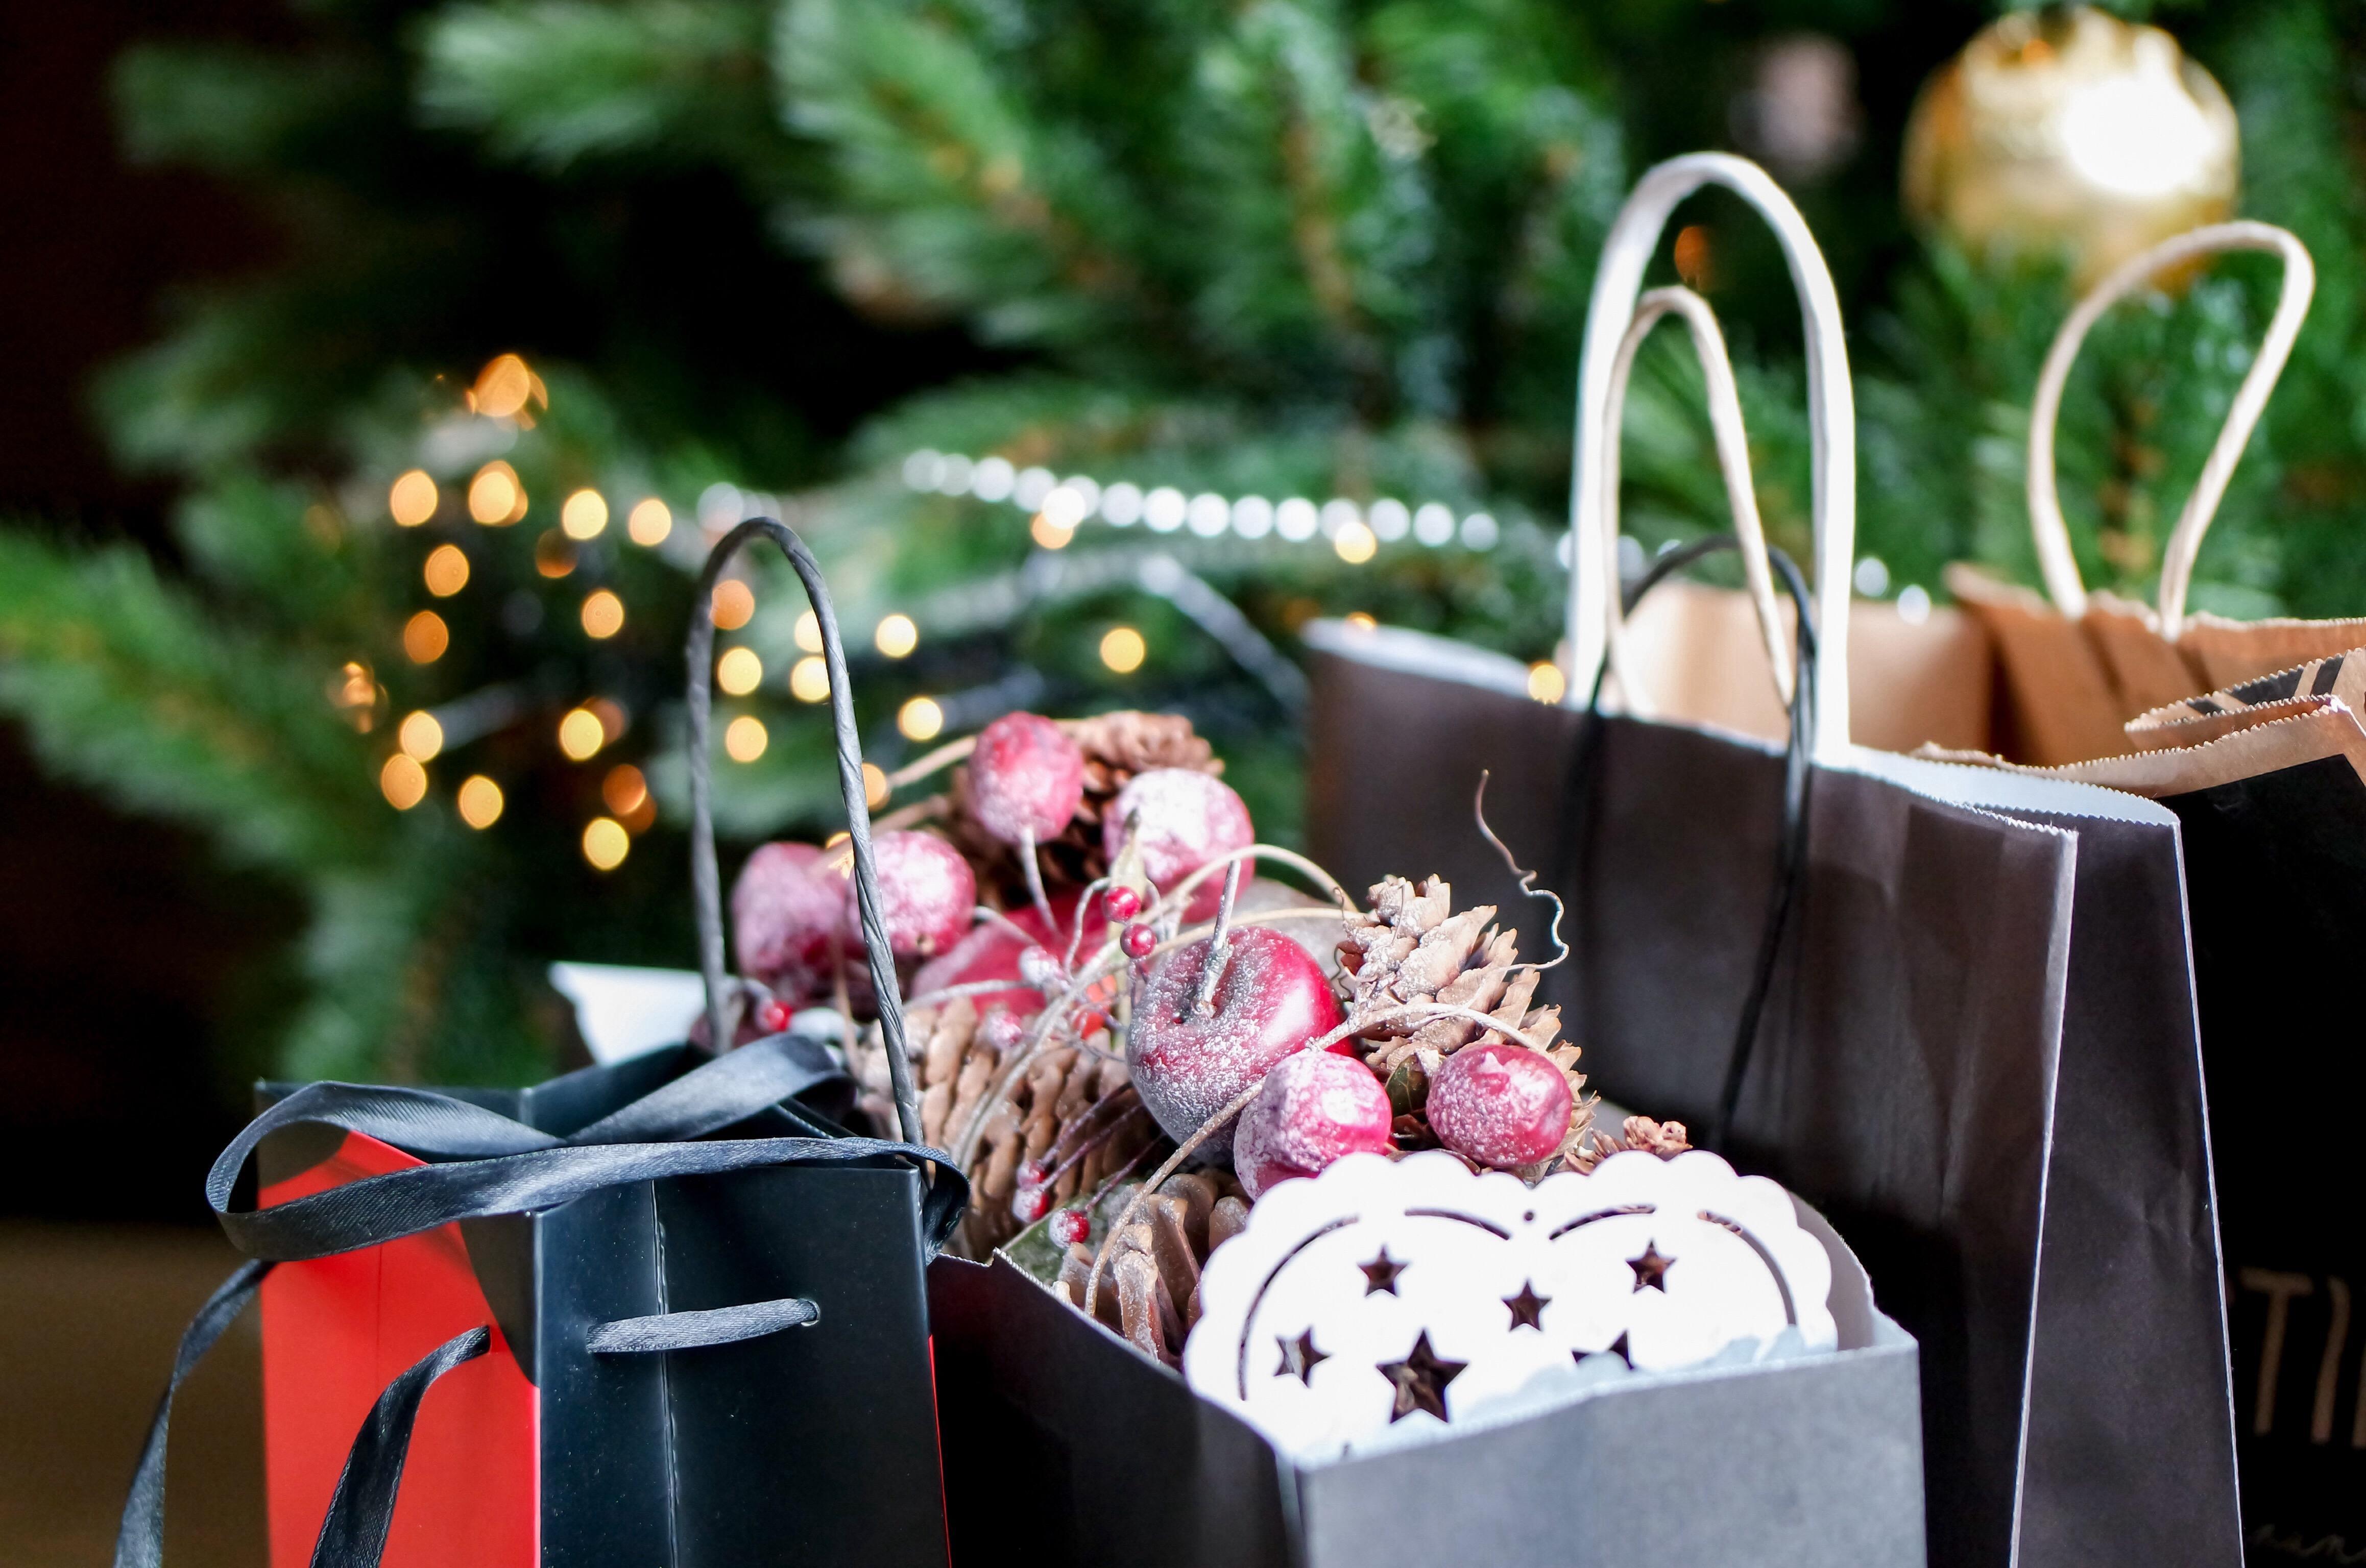 Van Ness Holiday Pop-Up Shop